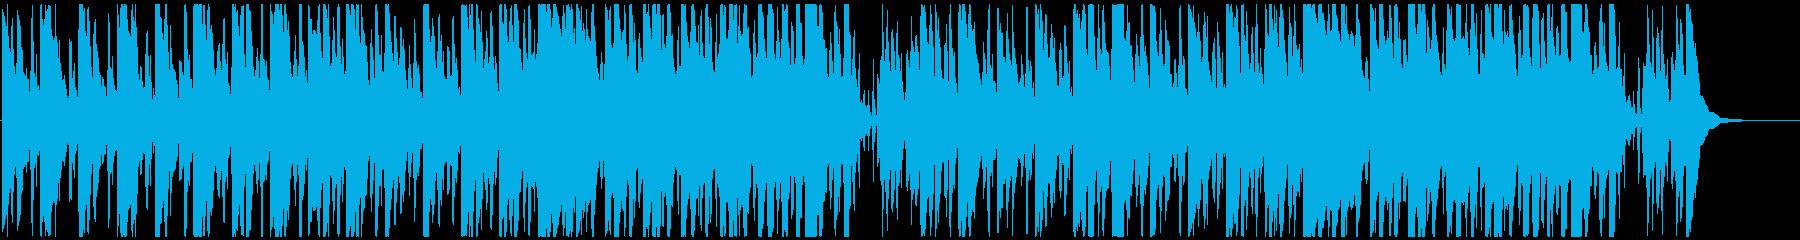 何かが始まりそうな、コミカルな曲の再生済みの波形